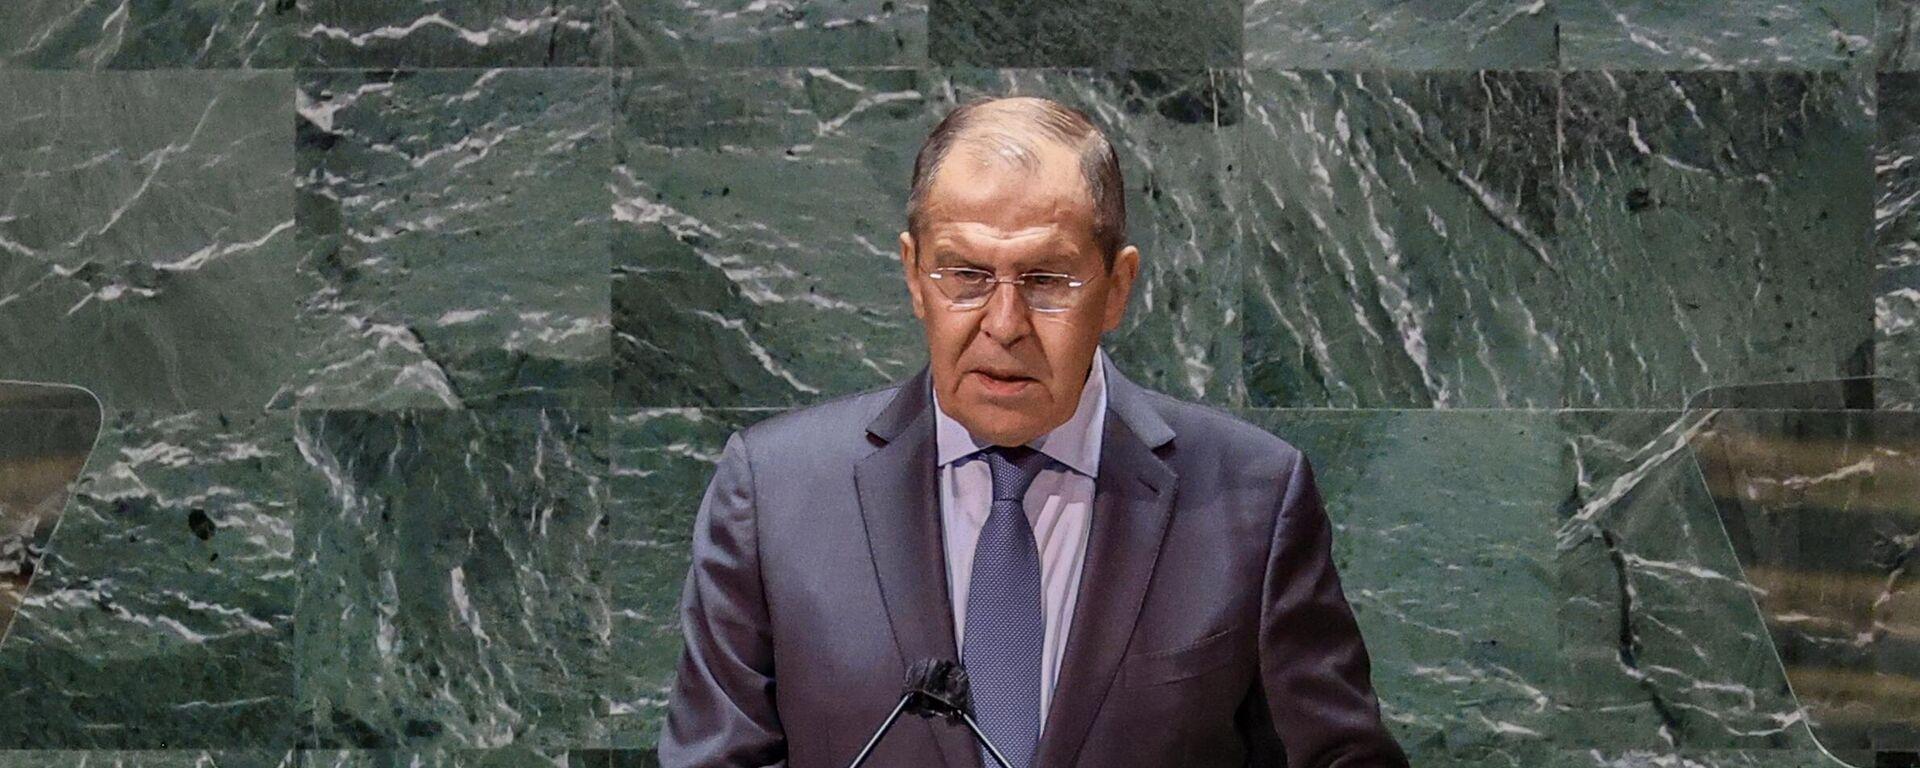 Министр иностранных дел РФ Сергей Лавров во время выступления в ООН - Sputnik Таджикистан, 1920, 26.09.2021